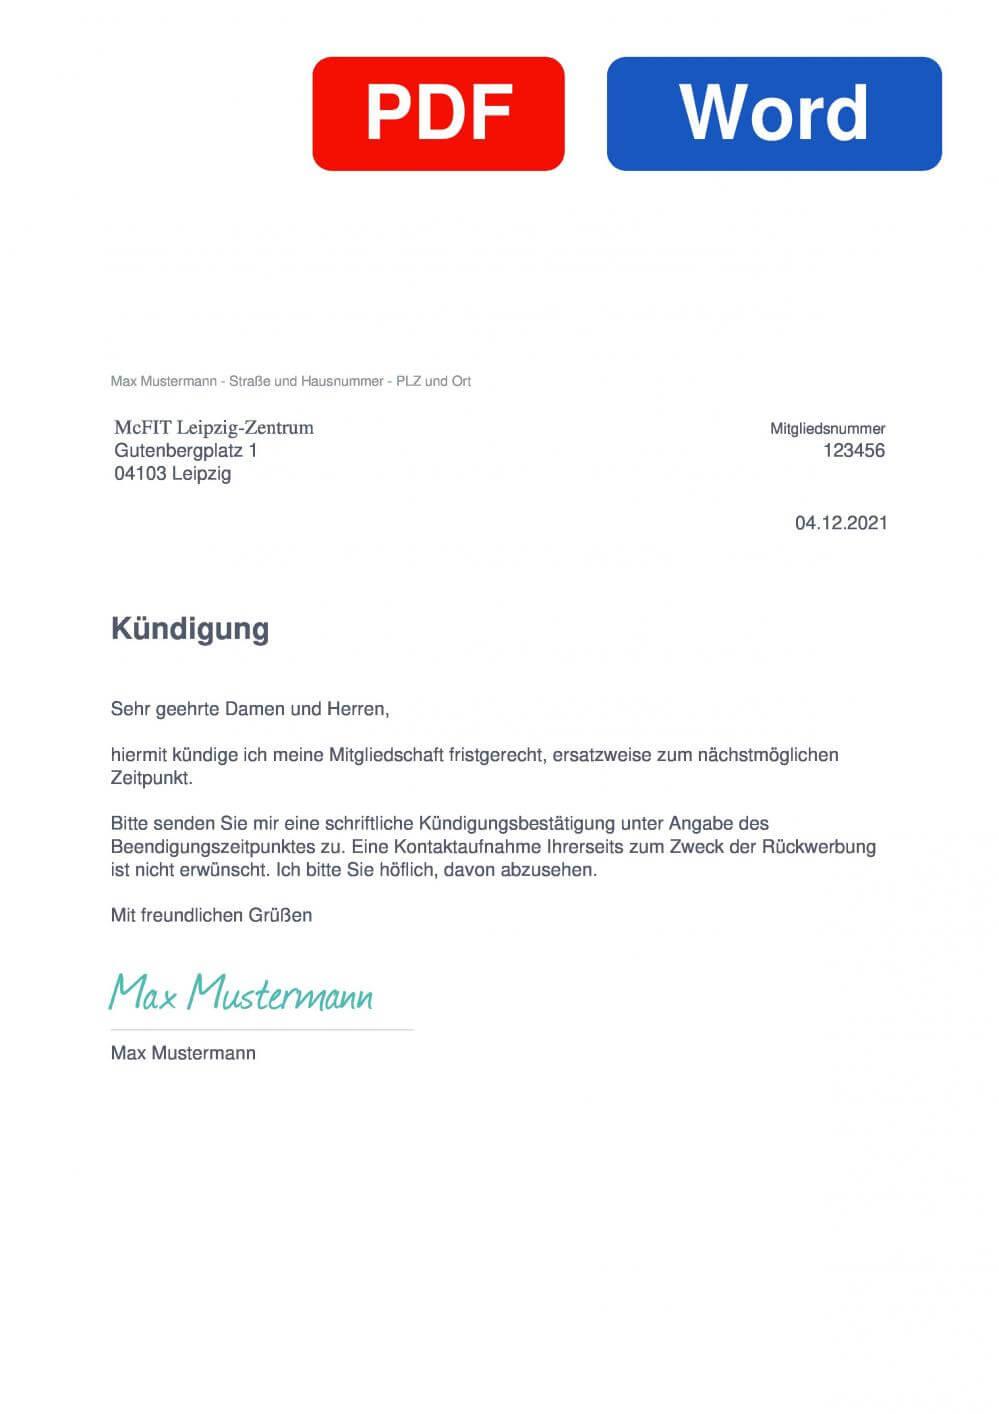 McFIT Leipzig-Zentrum Muster Vorlage für Kündigungsschreiben